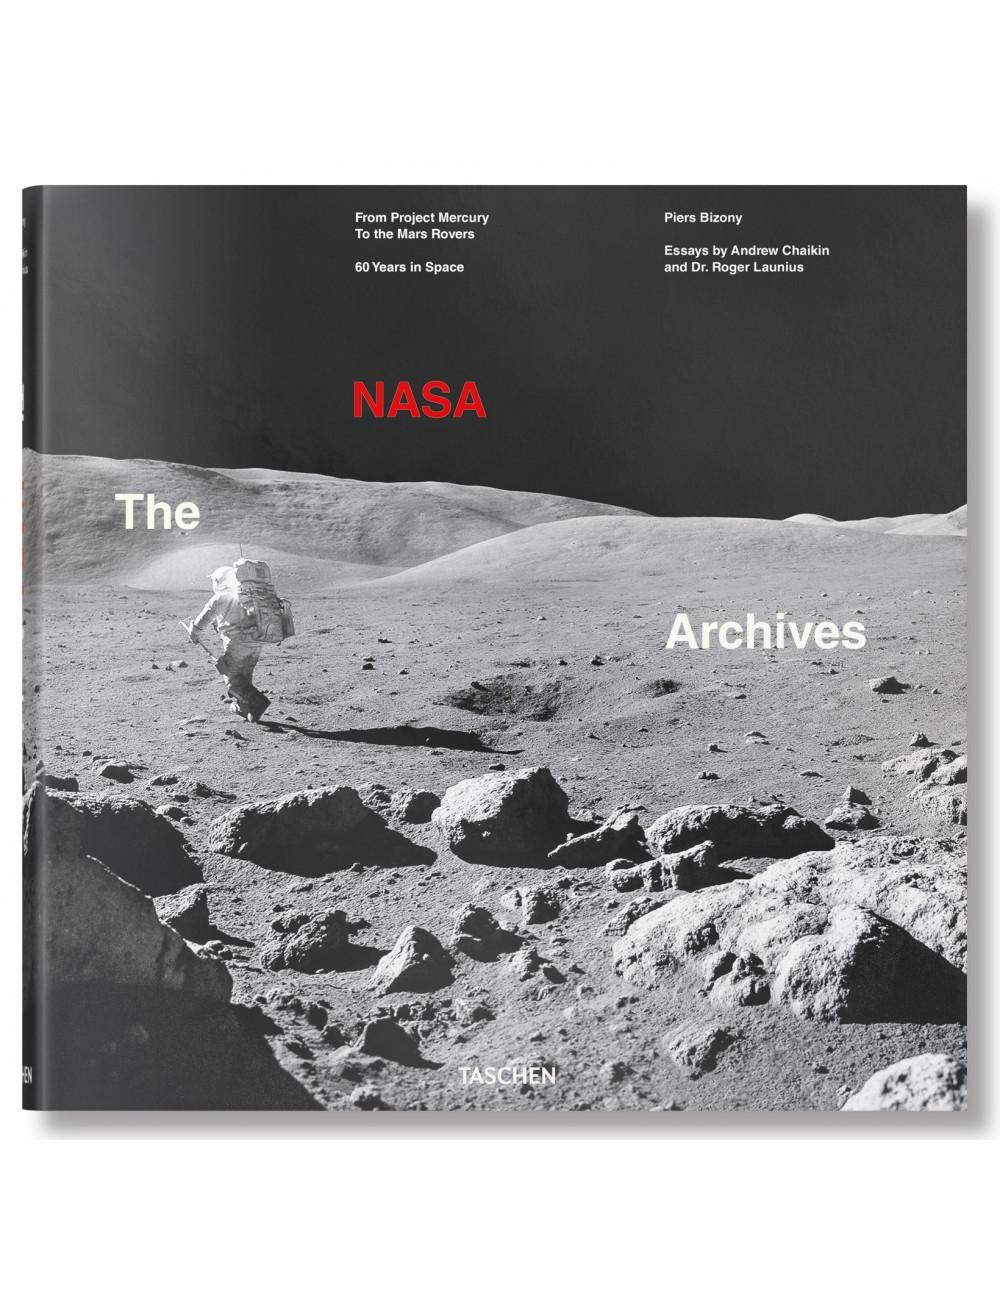 Archives de la NASA